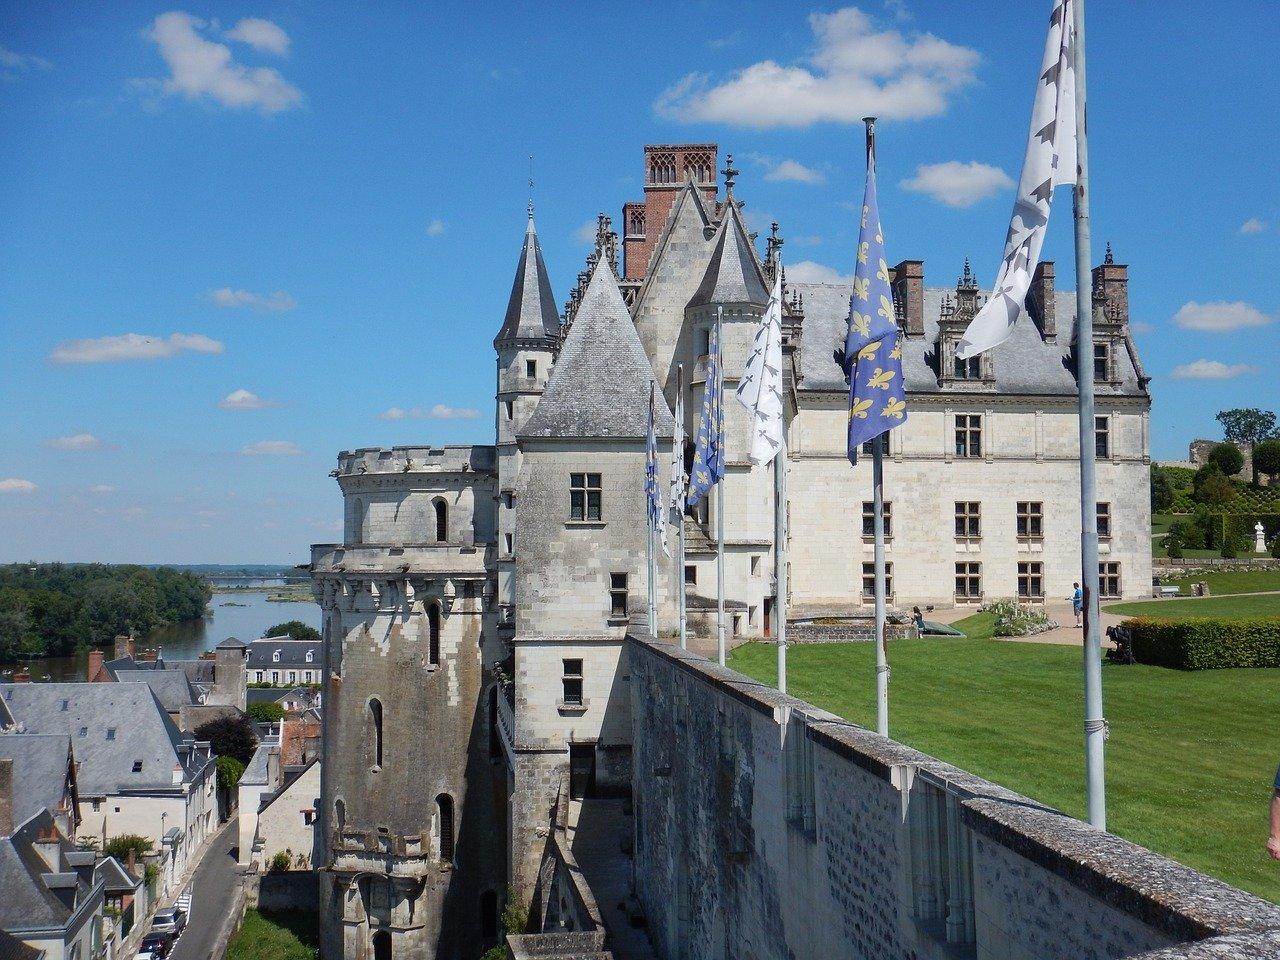 Château d'Amboise - Image par Laure GREGOIRE de Pixabay